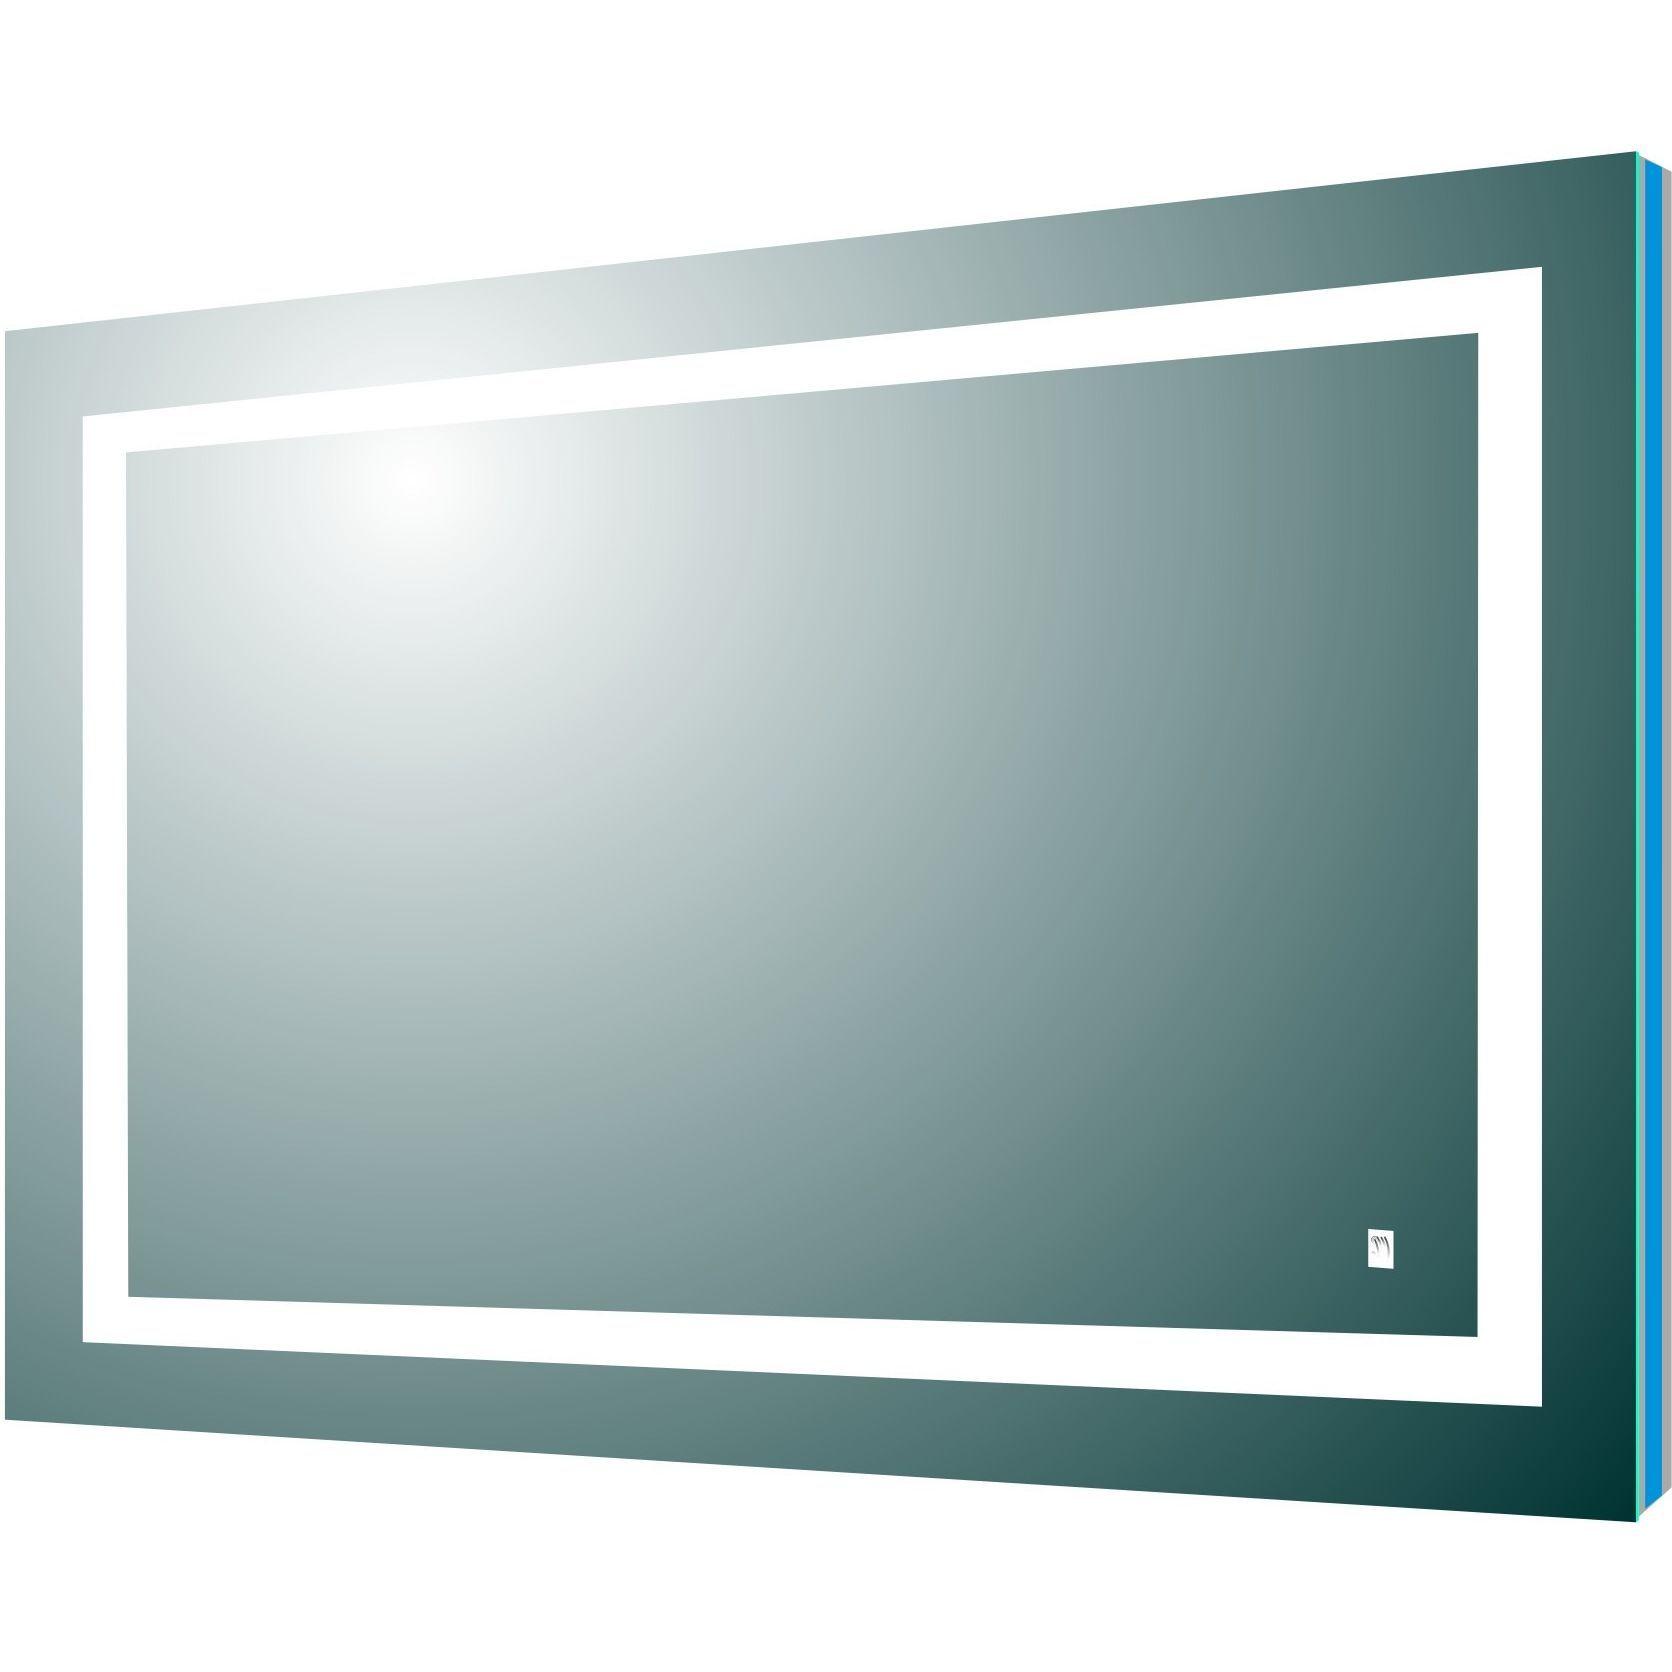 Eviva Deco Piece 42 Backlit Led Mirror With Frame Lights